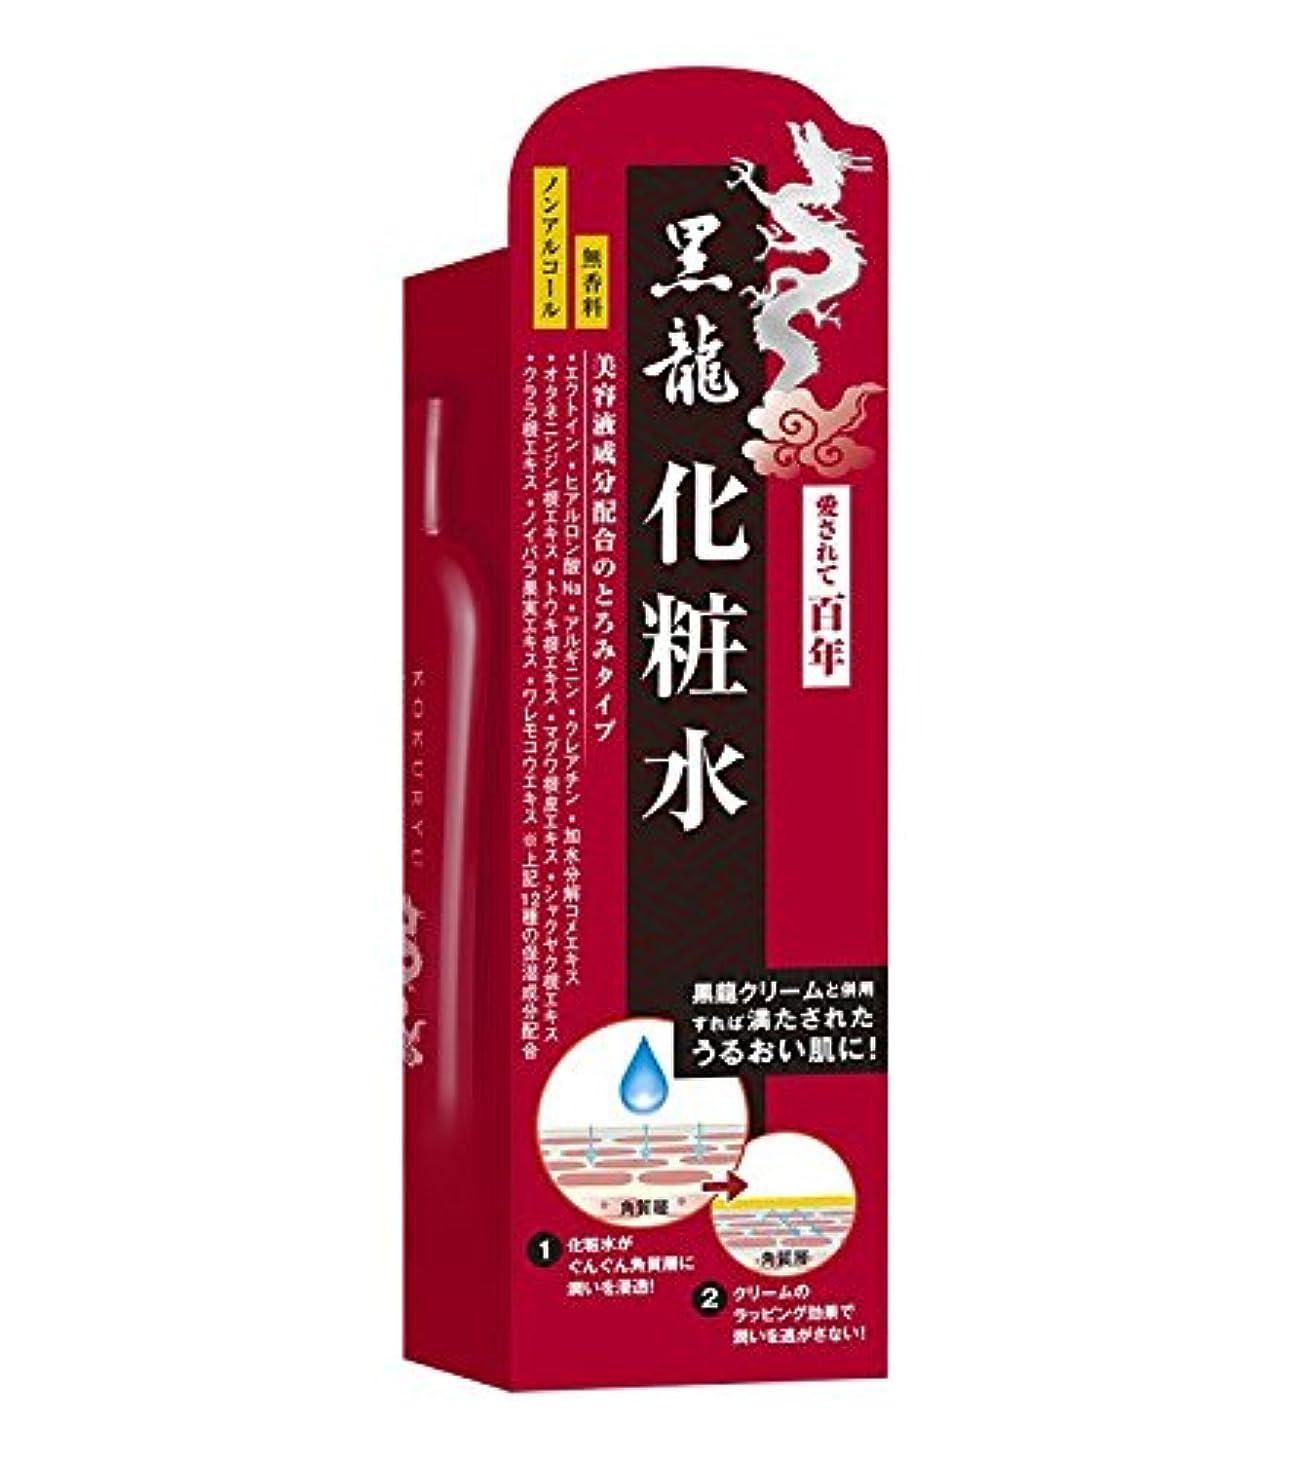 ぴかぴか隔離分析的な黒龍 化粧水 150ml